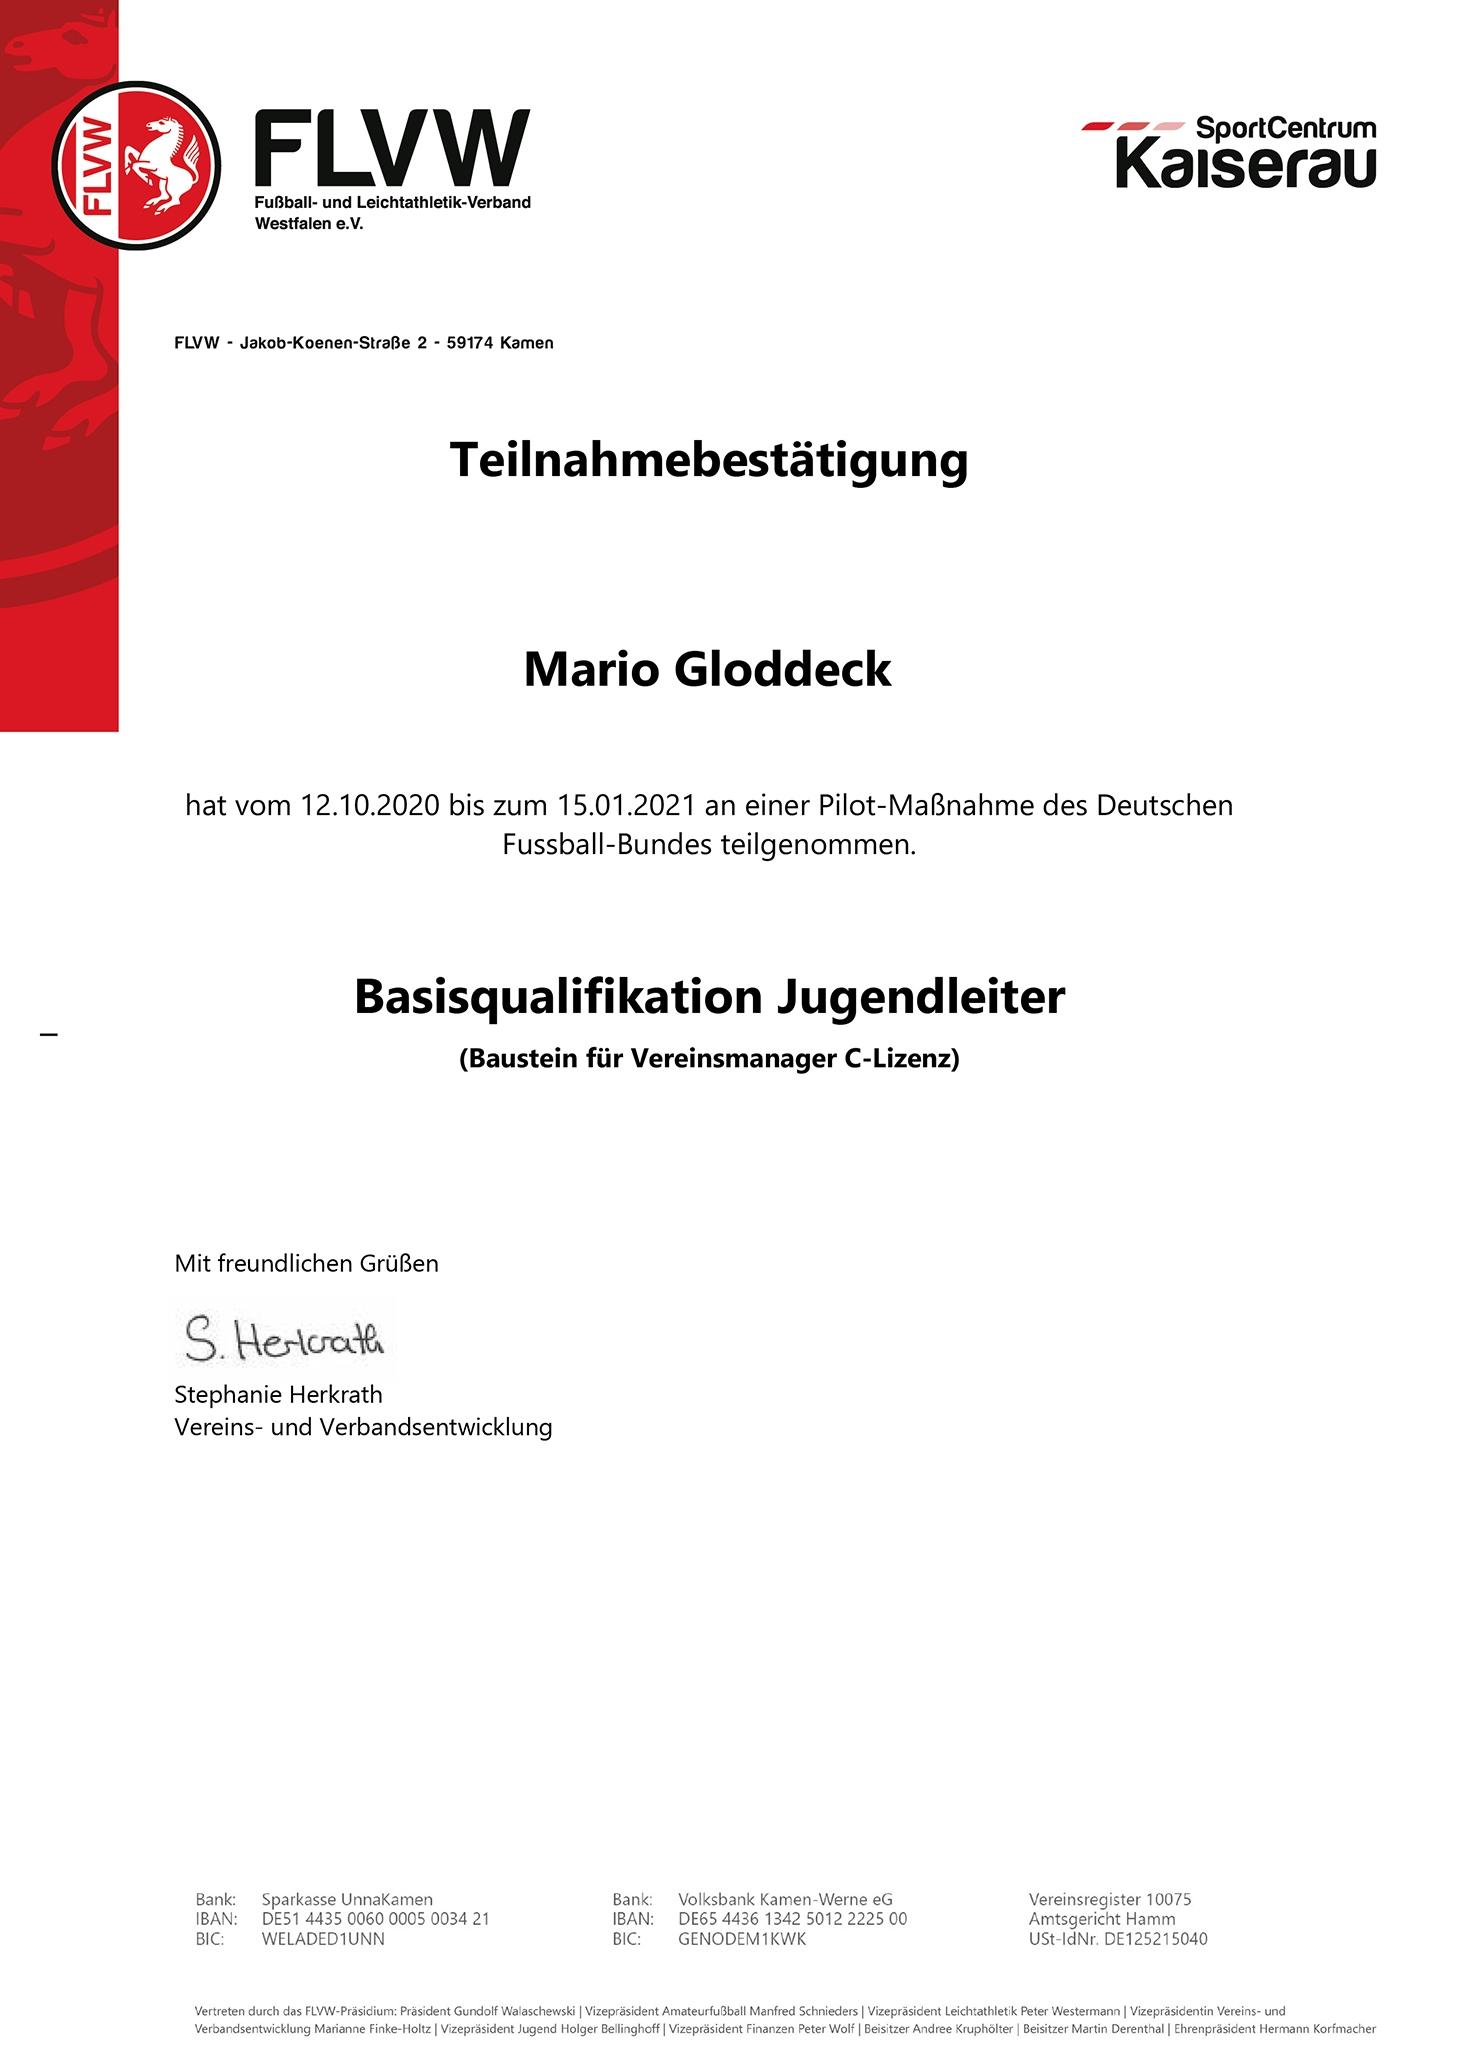 Teilnahmebestätigung Mario Gloddeck